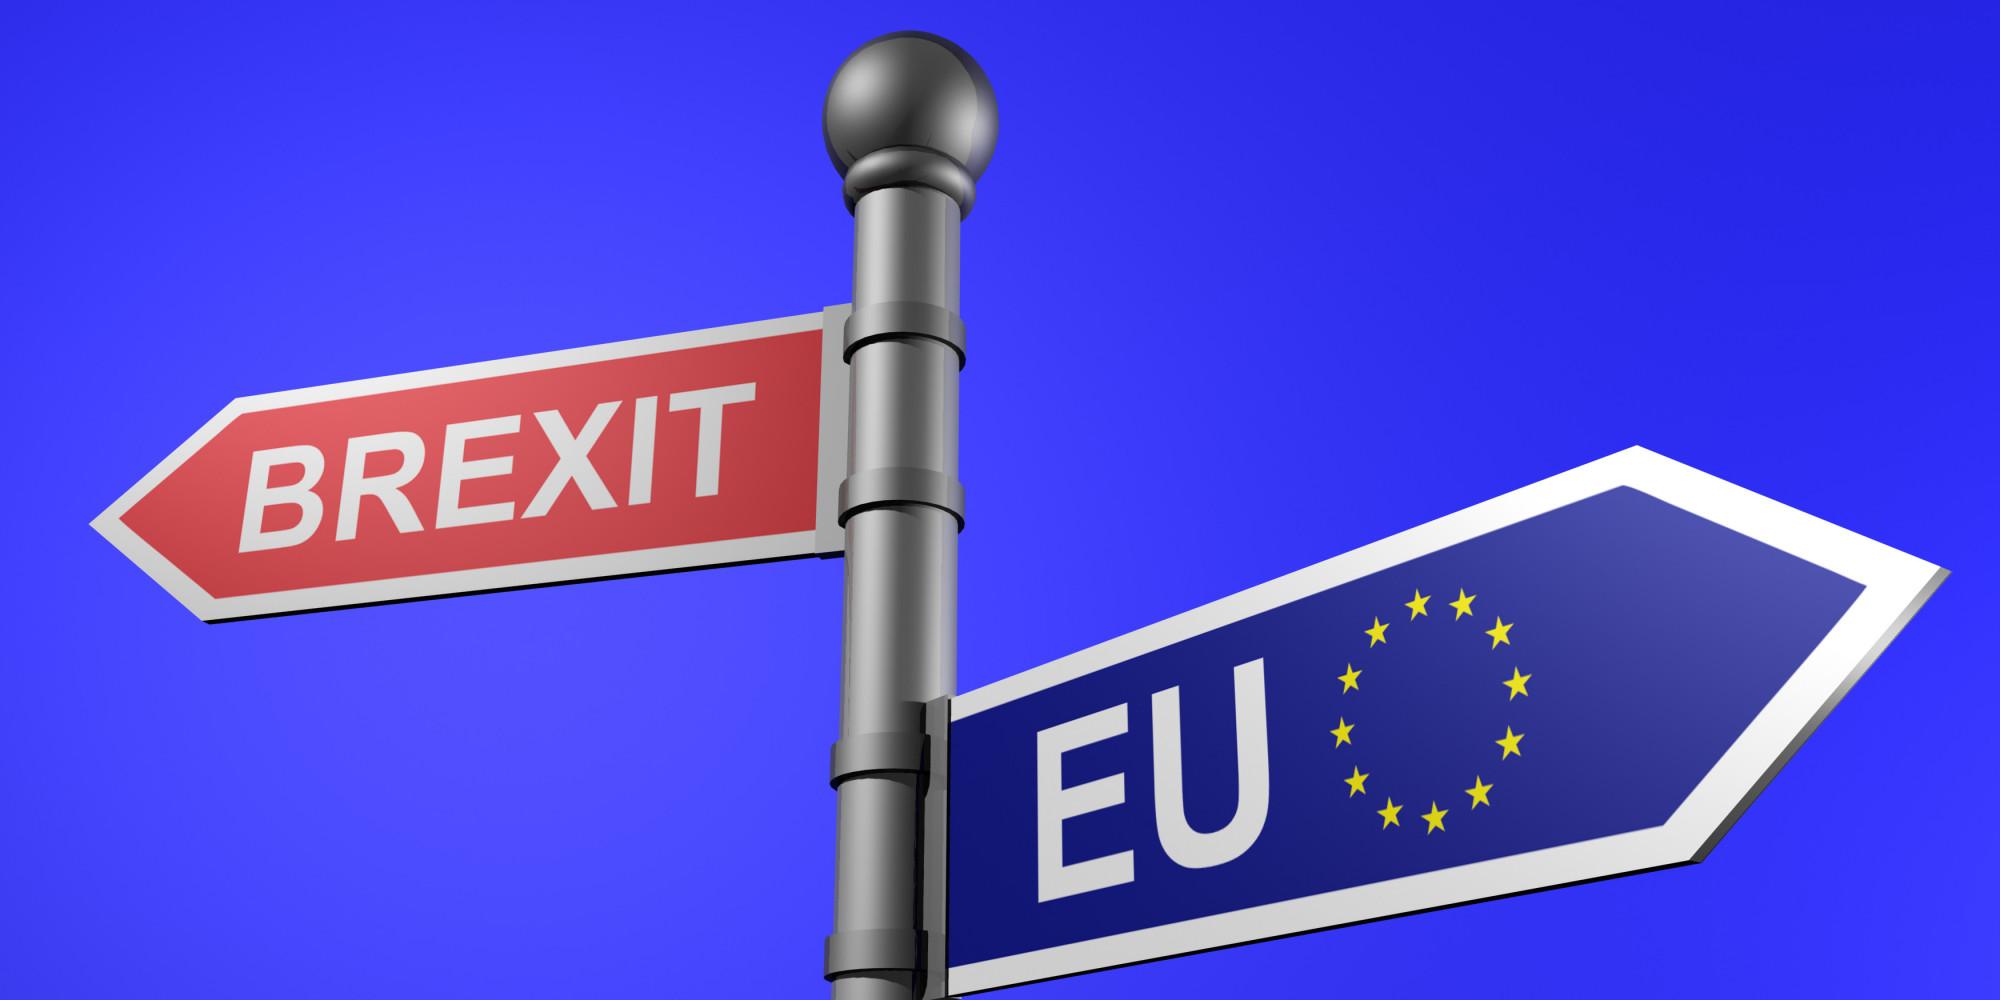 BREXIT - EU - Image Copyright HuffPost.Com